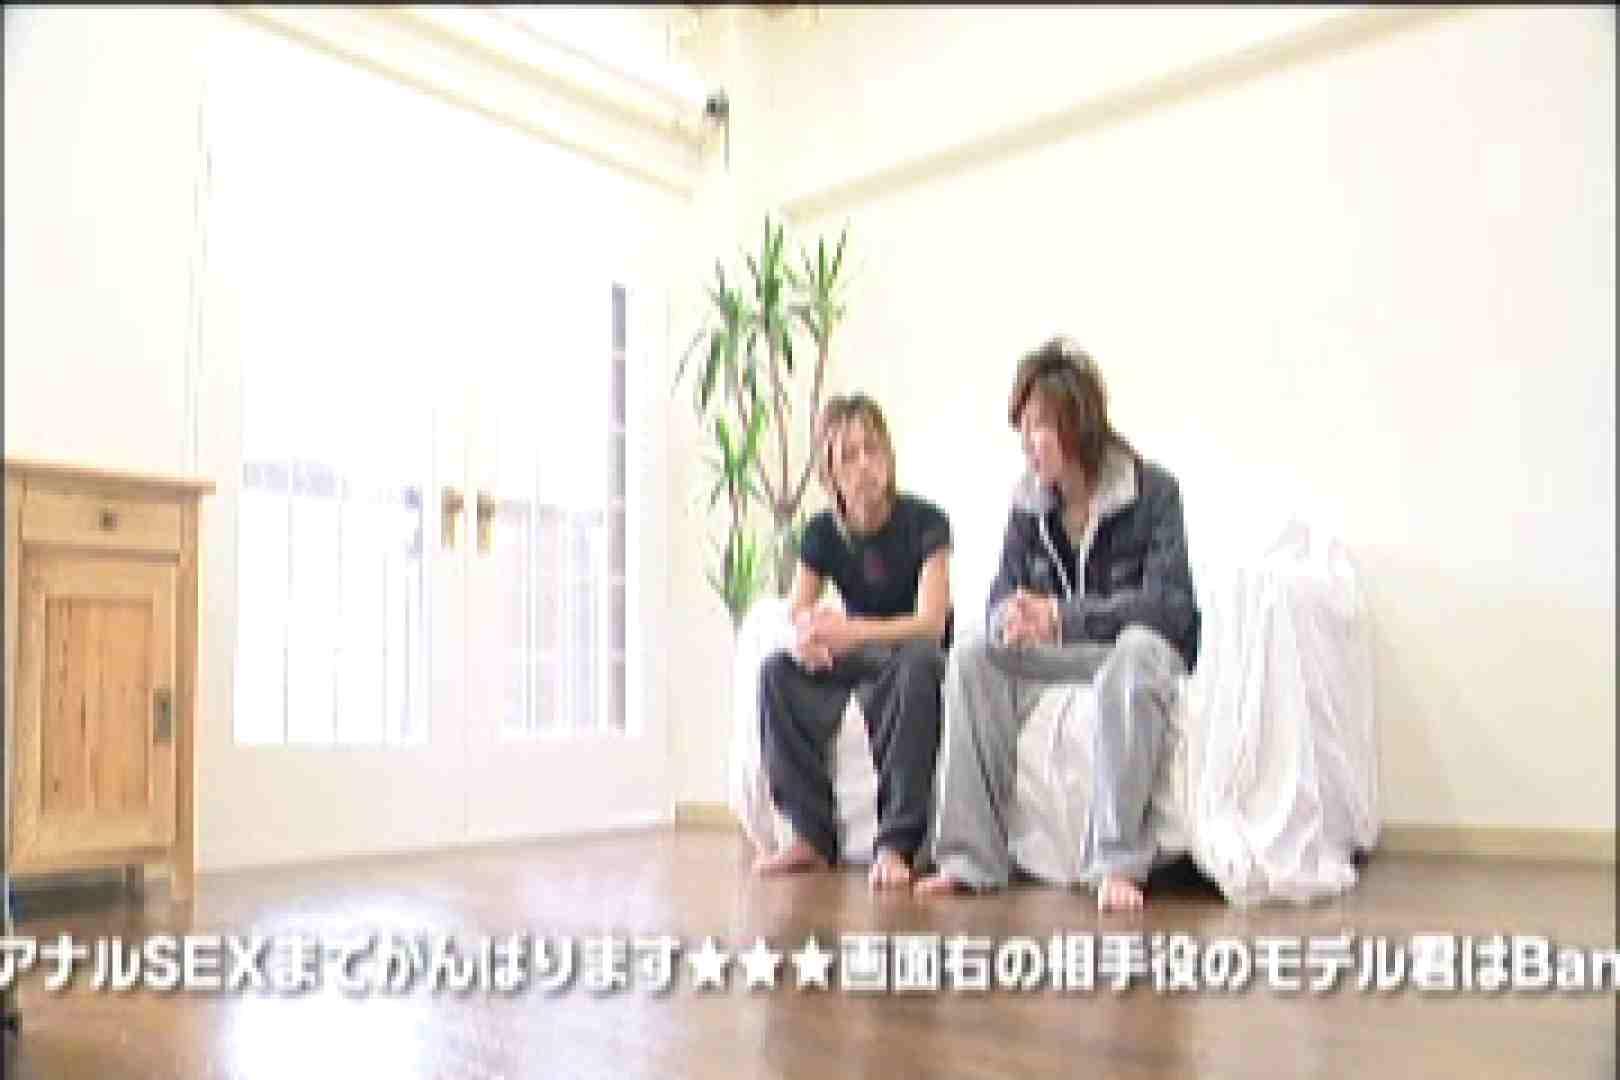 イケメン☆パラダイス〜男ざかりの君たちへ〜vol.45 アナル特集 ゲイザーメン画像 88枚 1